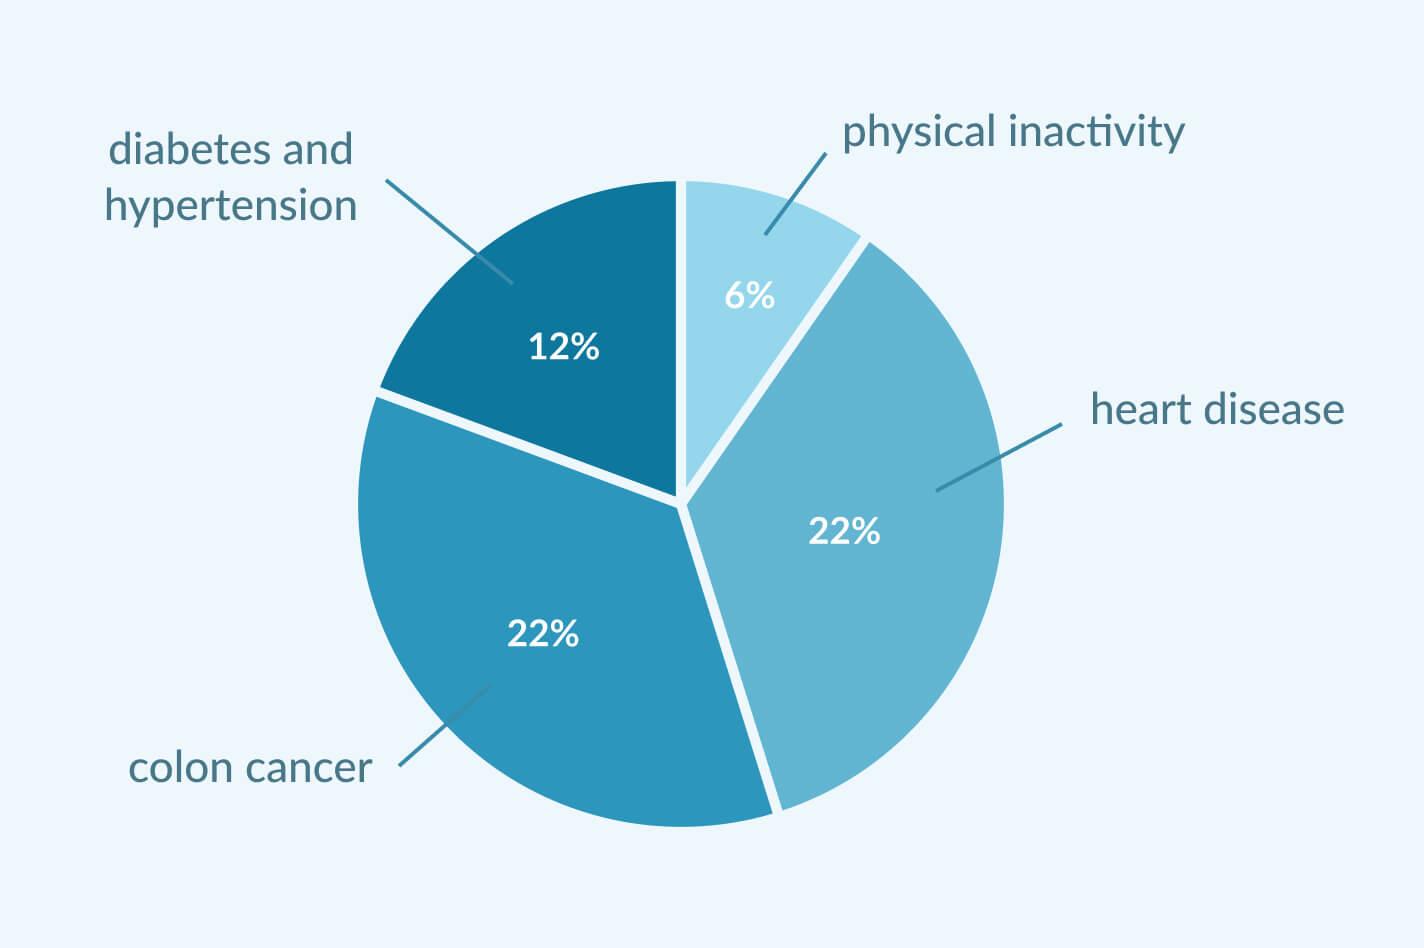 sedentary-lifestyle-diseases-in-percentage